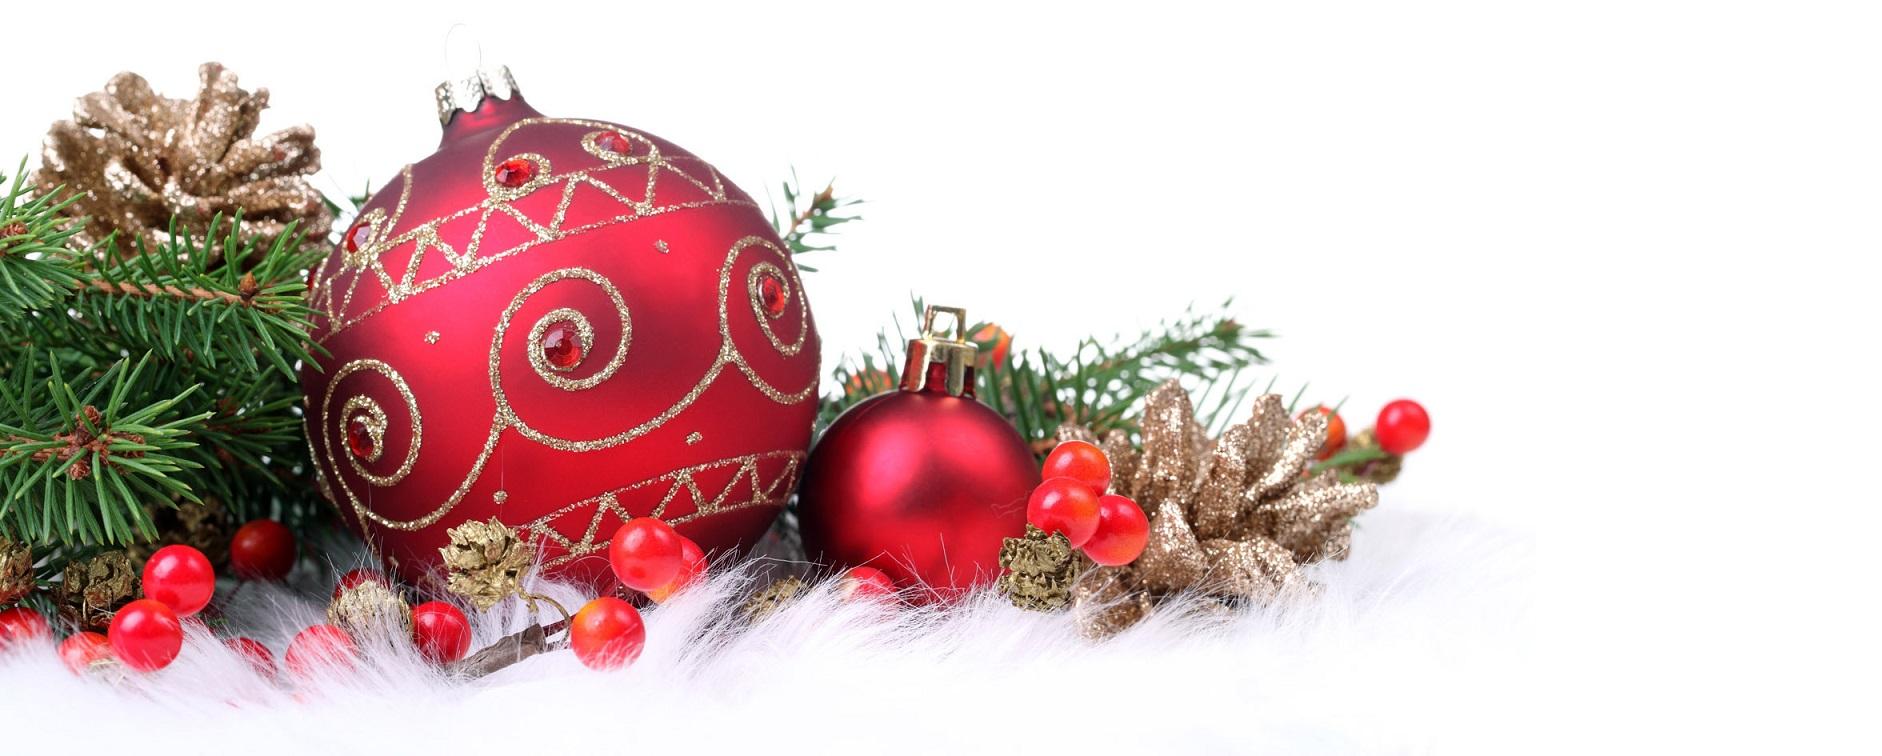 Καλά Χριστούγεννα και Ευτυχισμένος ο Νέος Χρόνος!